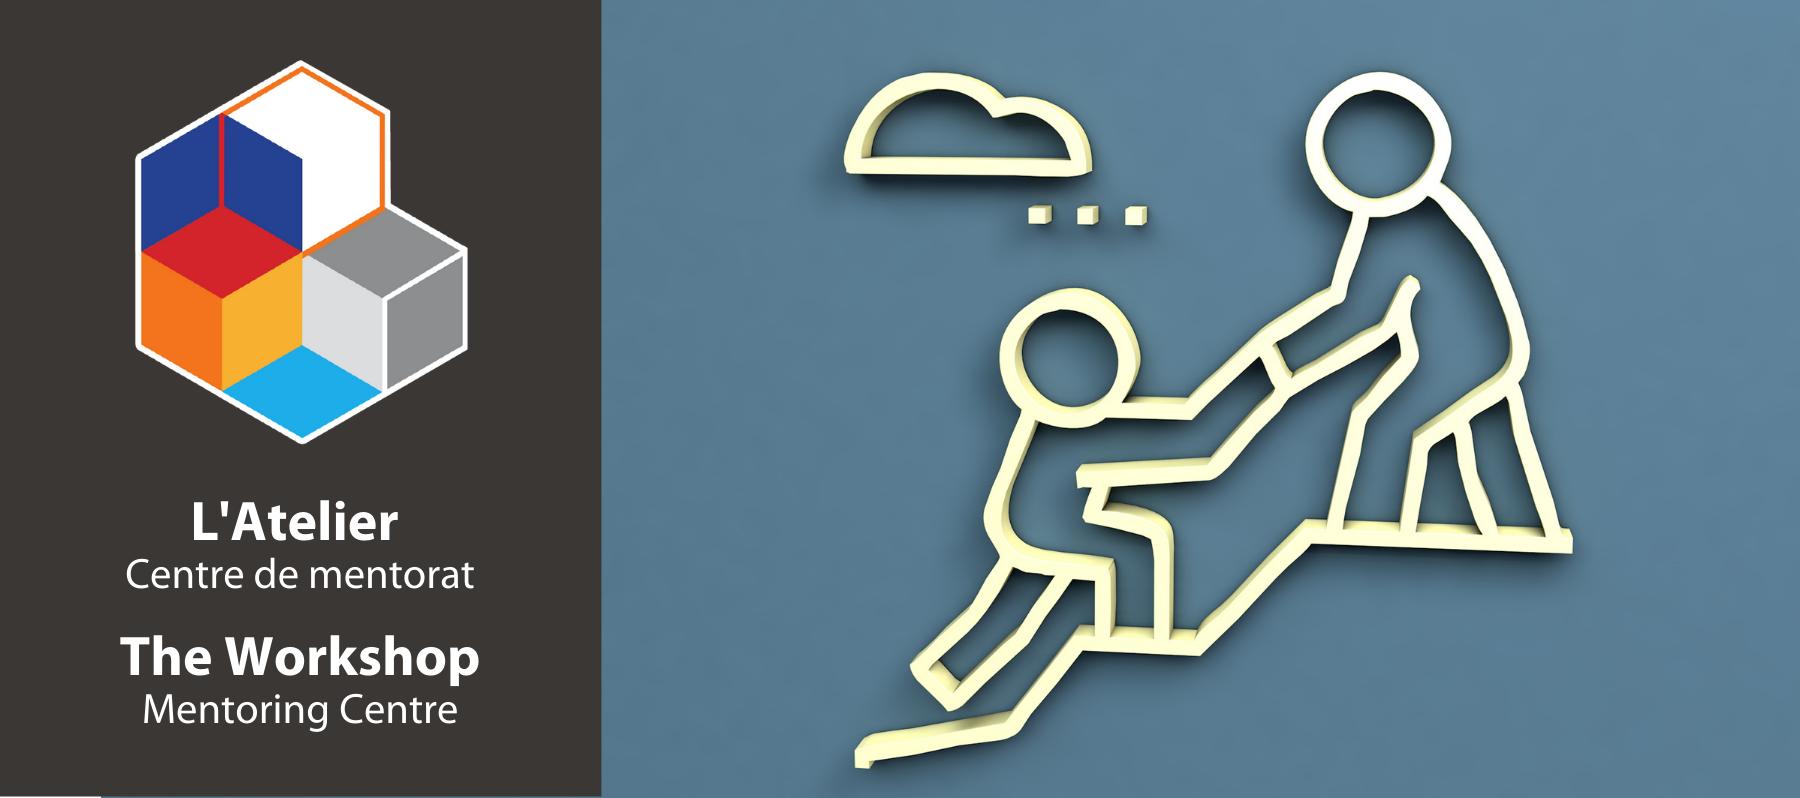 Icone d'une personne en aidant une autre et le logo de l'Atelier, Centre de mentorat